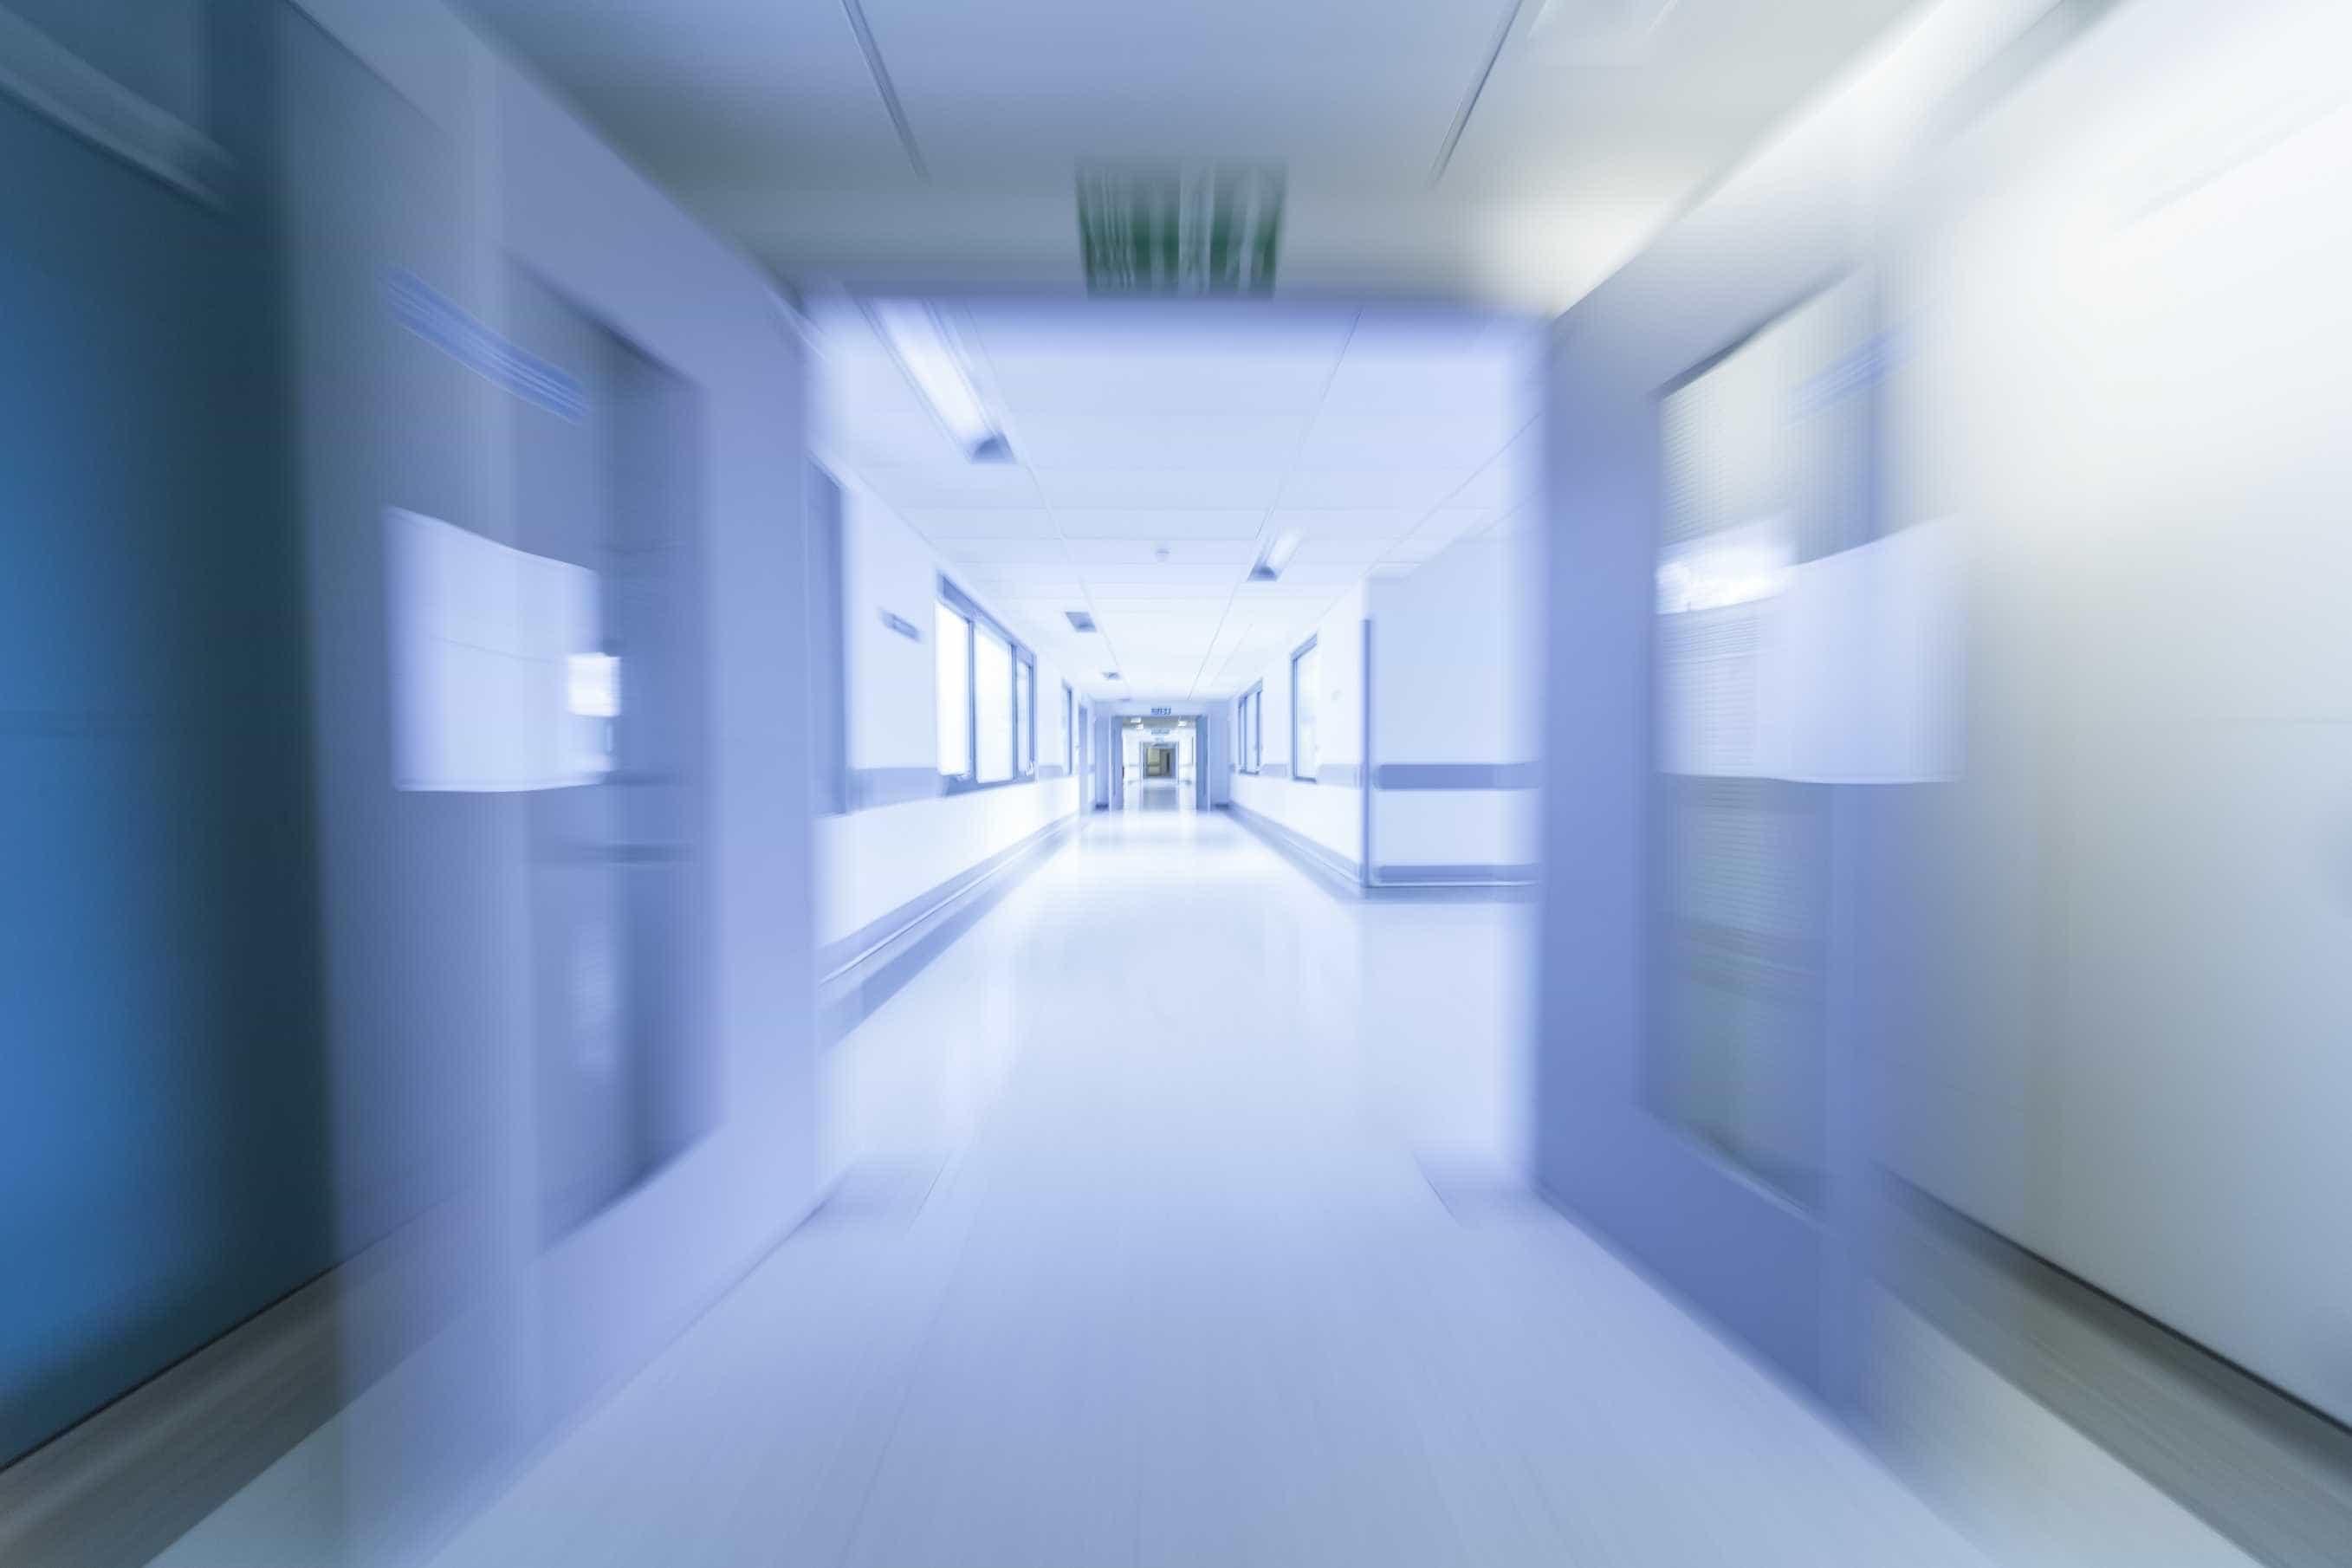 Saúde: Administradores promovem alteração de modelo de financiamento